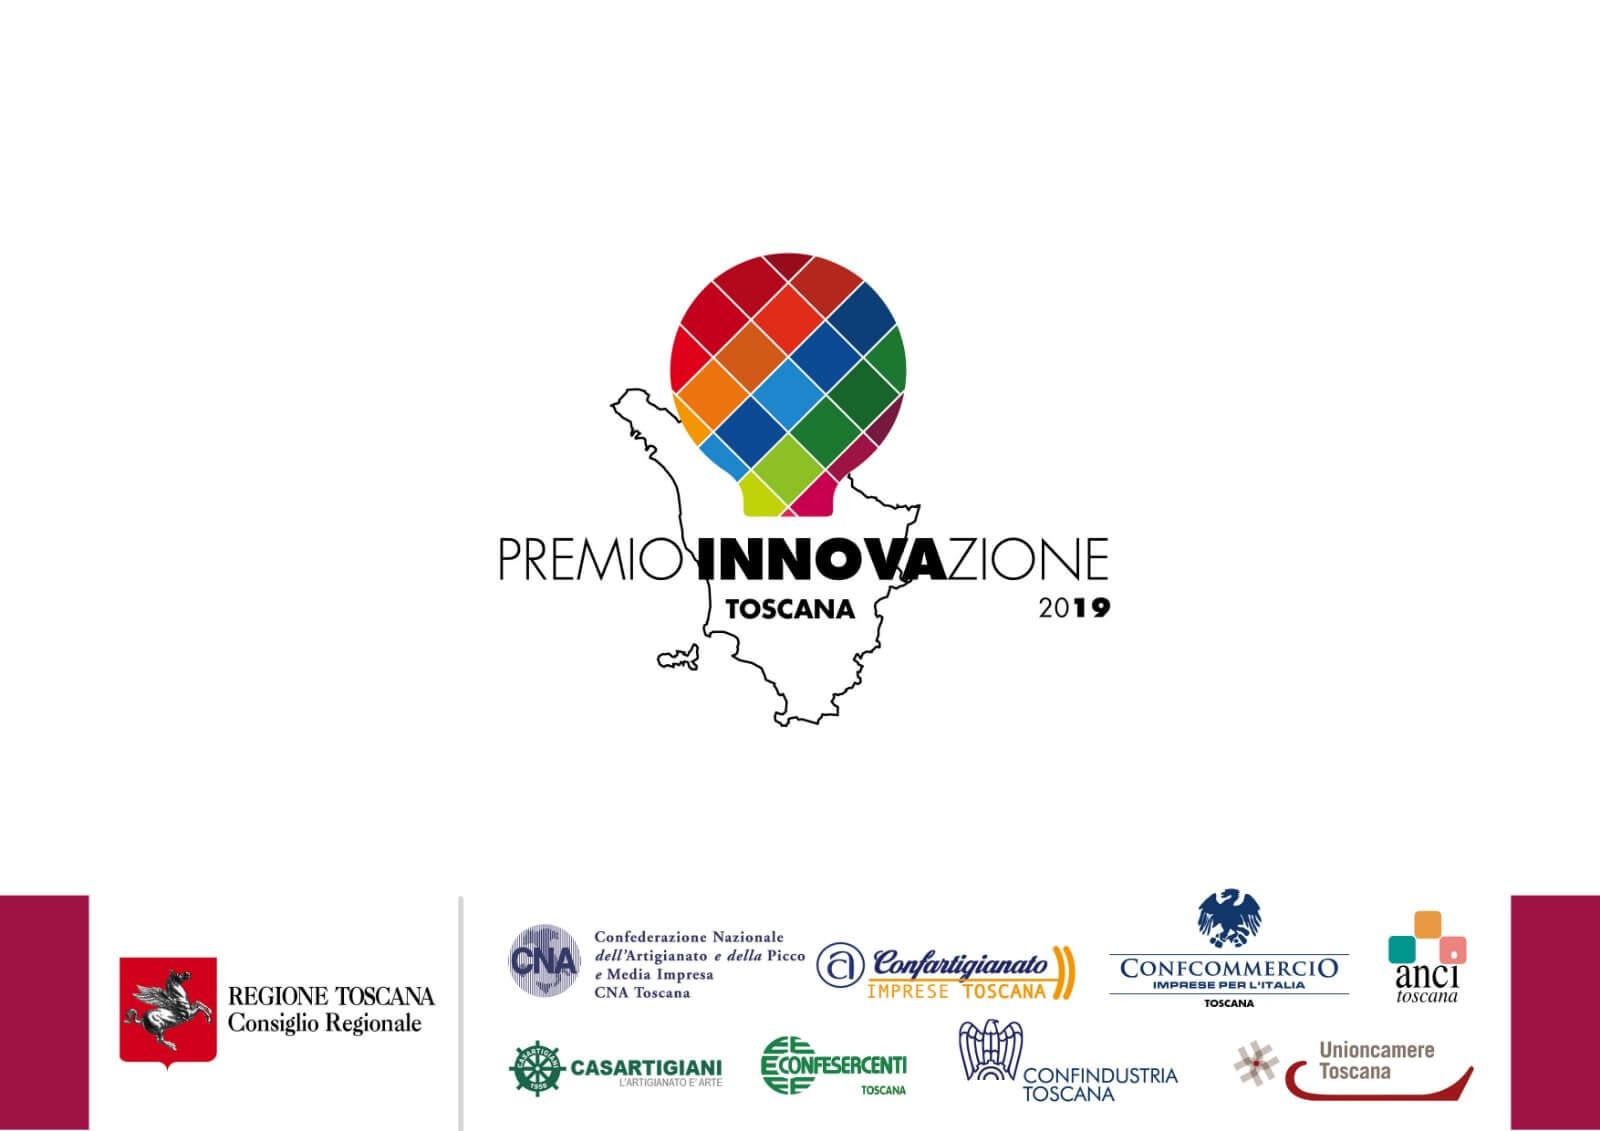 Premio Innovazione 2019